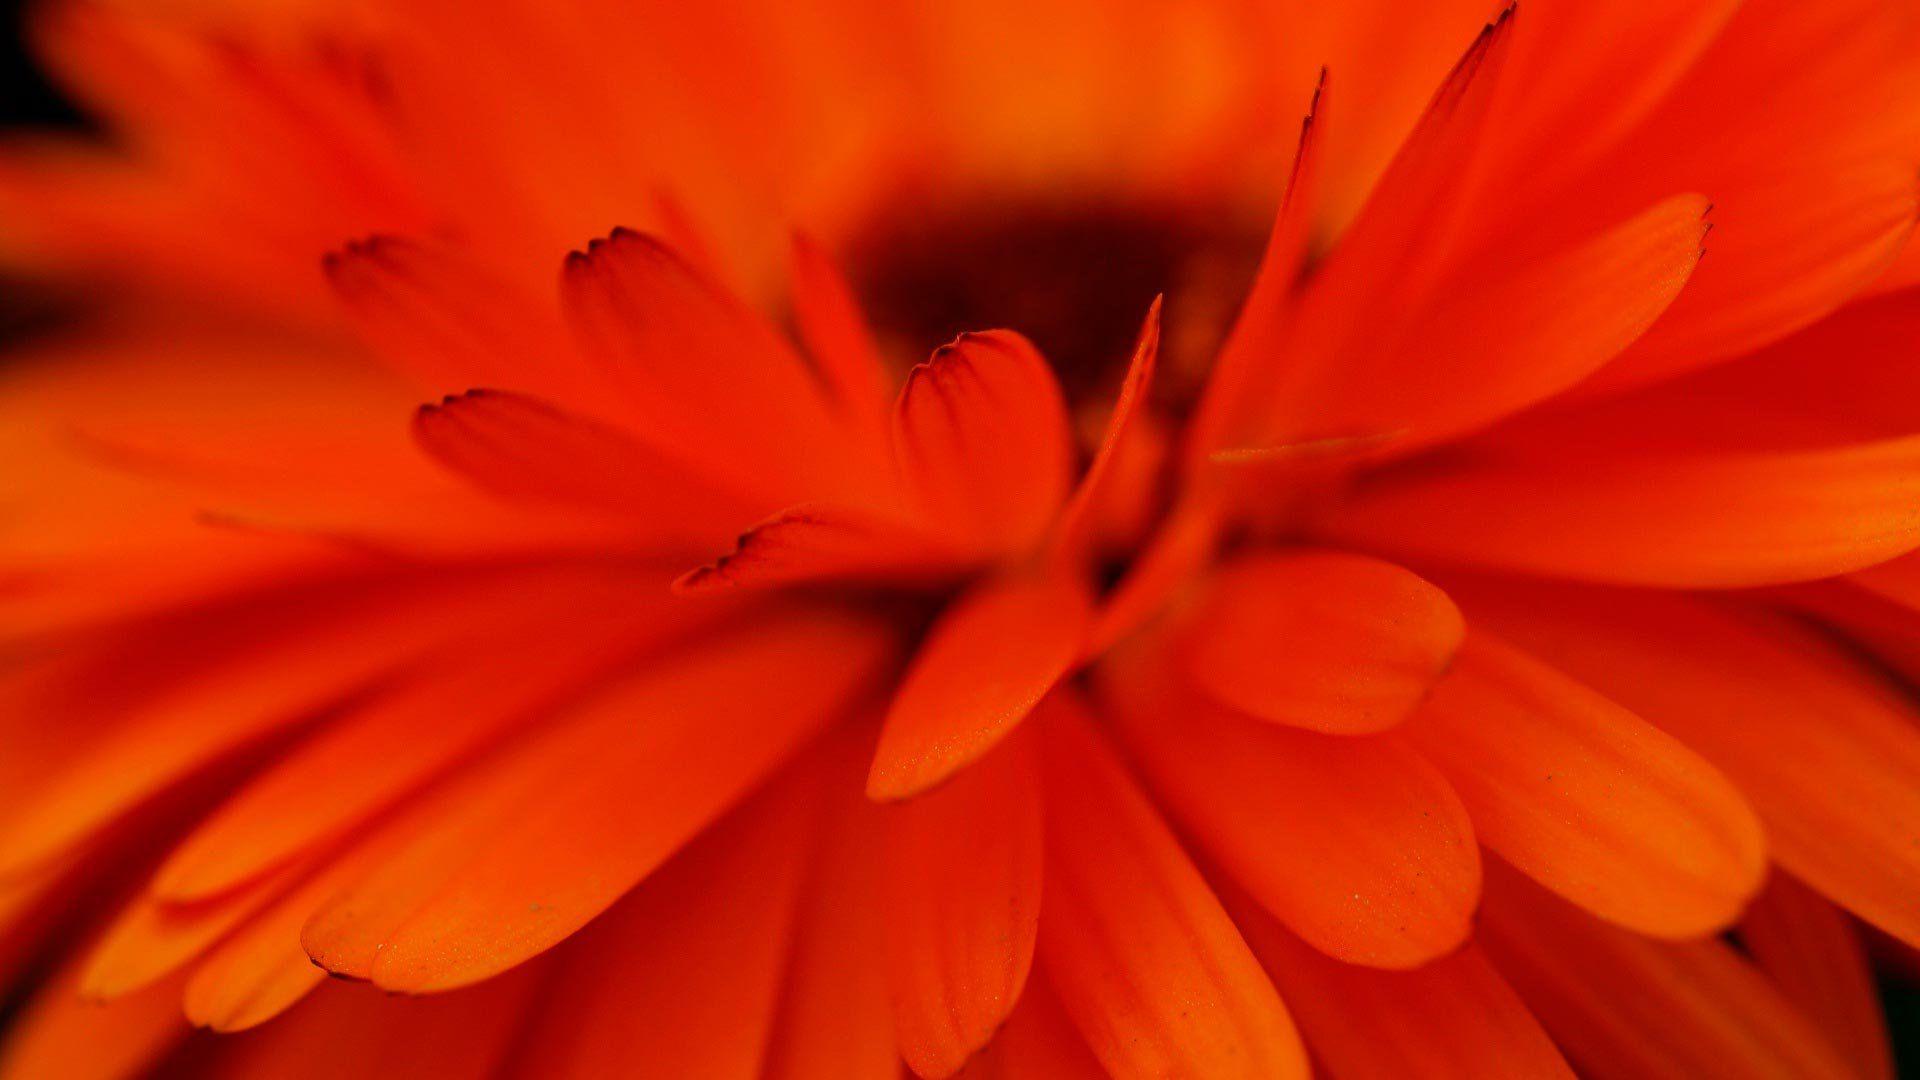 оранжевый цветочек онлайн